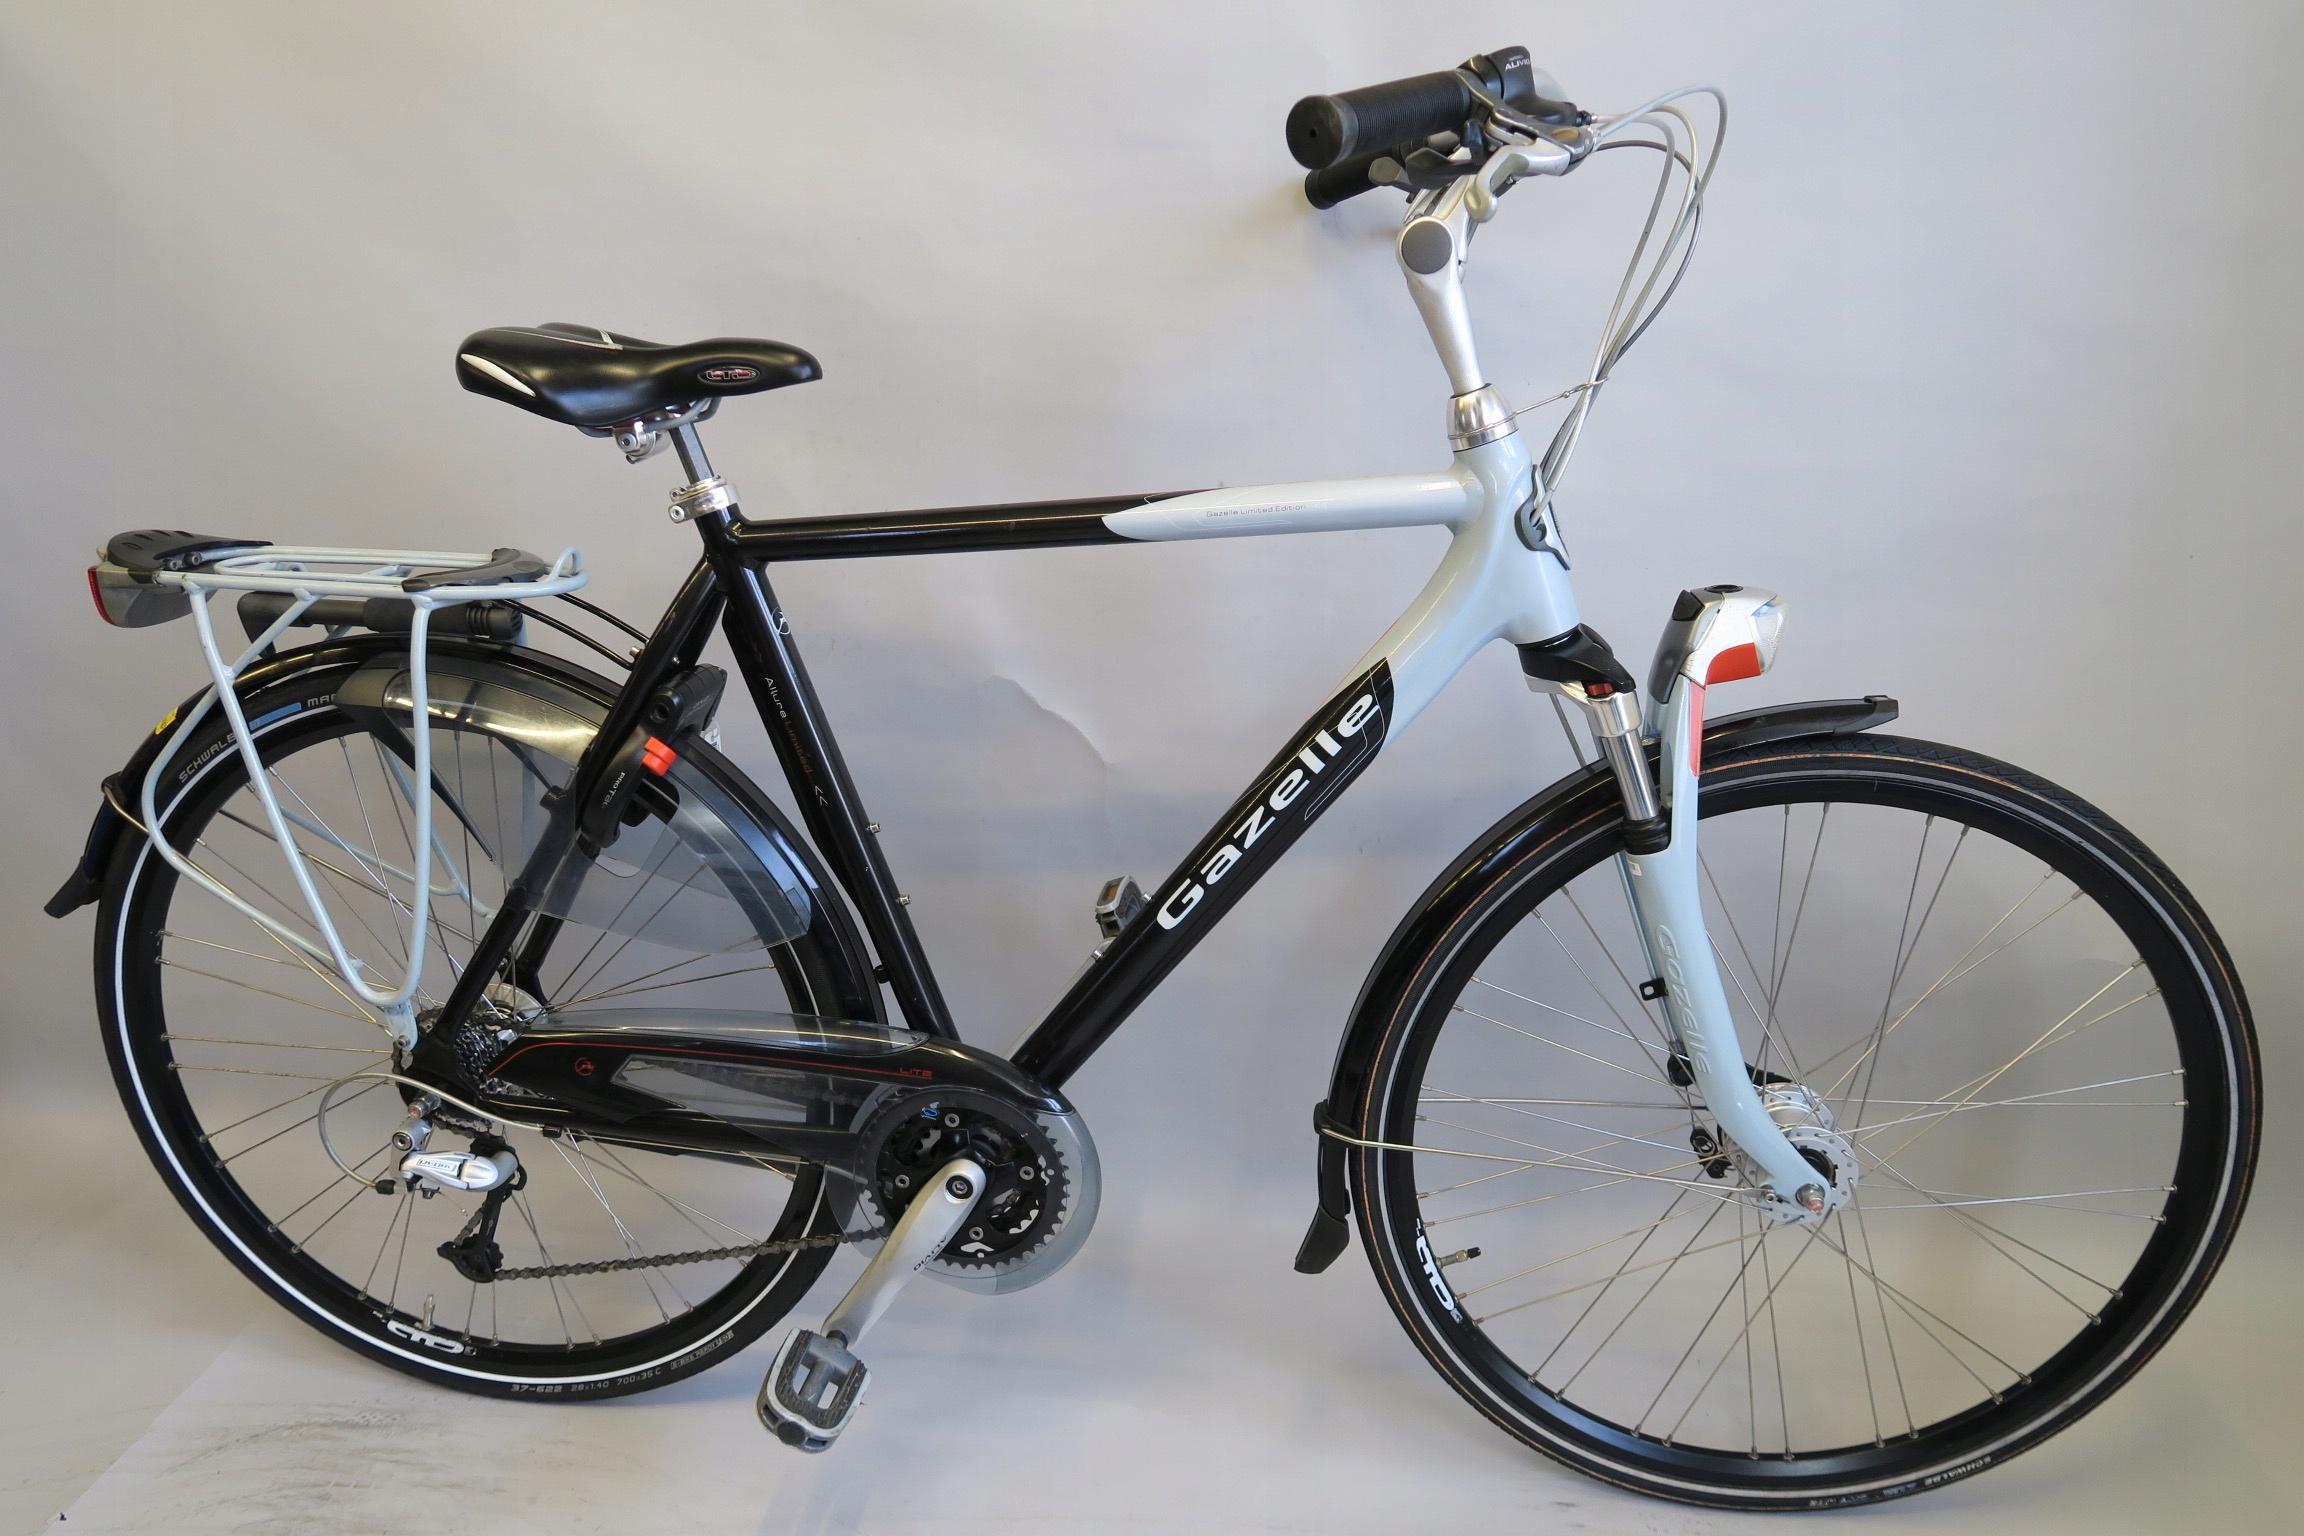 Markowy rower holenderski Gazelle Allure Deore